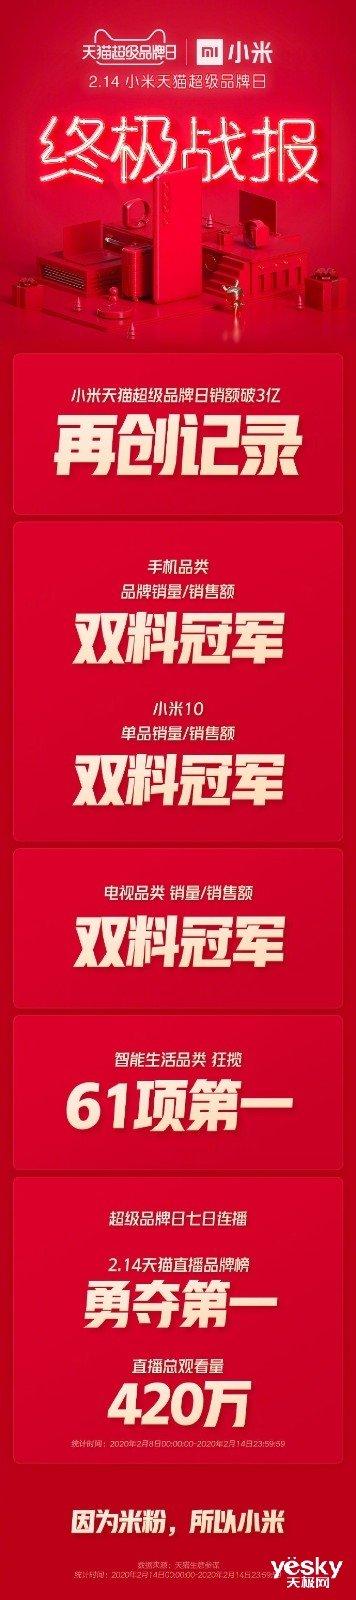 小米天猫超级品牌日最终战况:销售总额破三亿元!手机上、电视机全热销